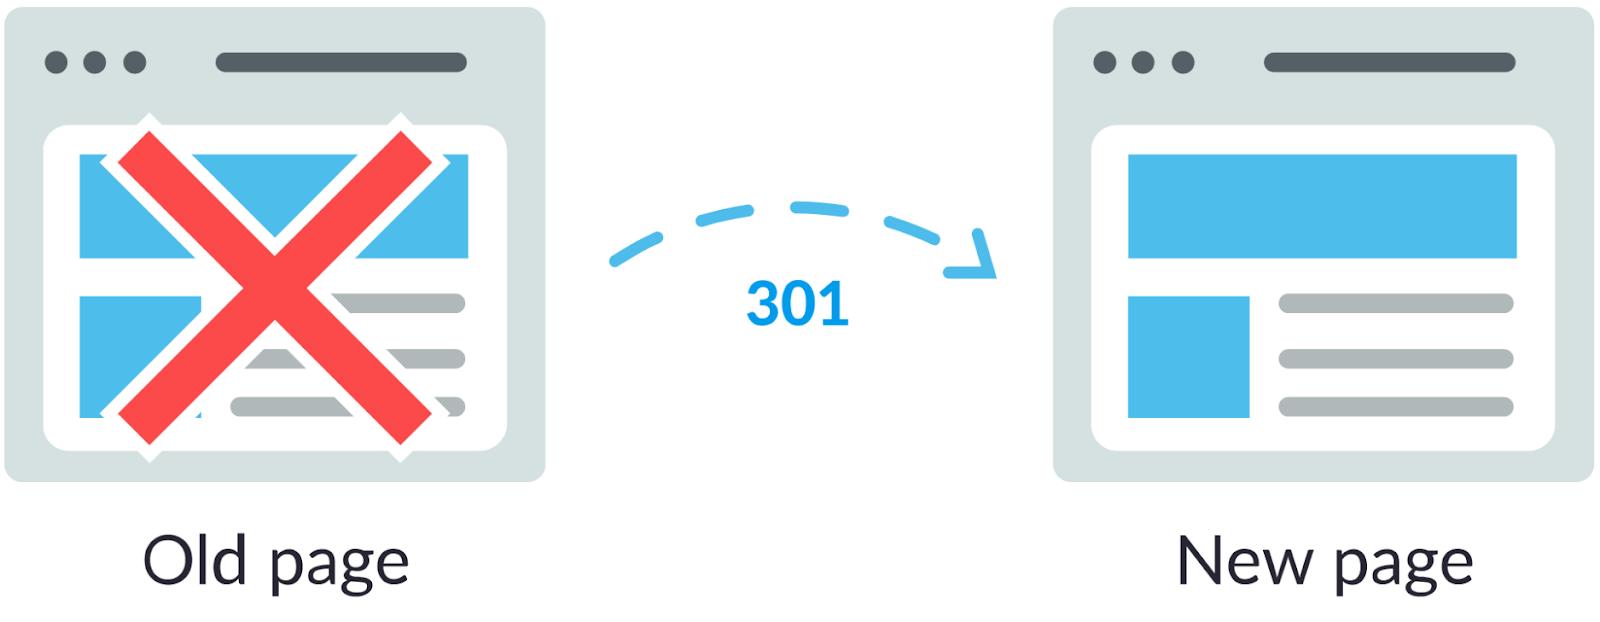 301 redirect со старой на новую страницу